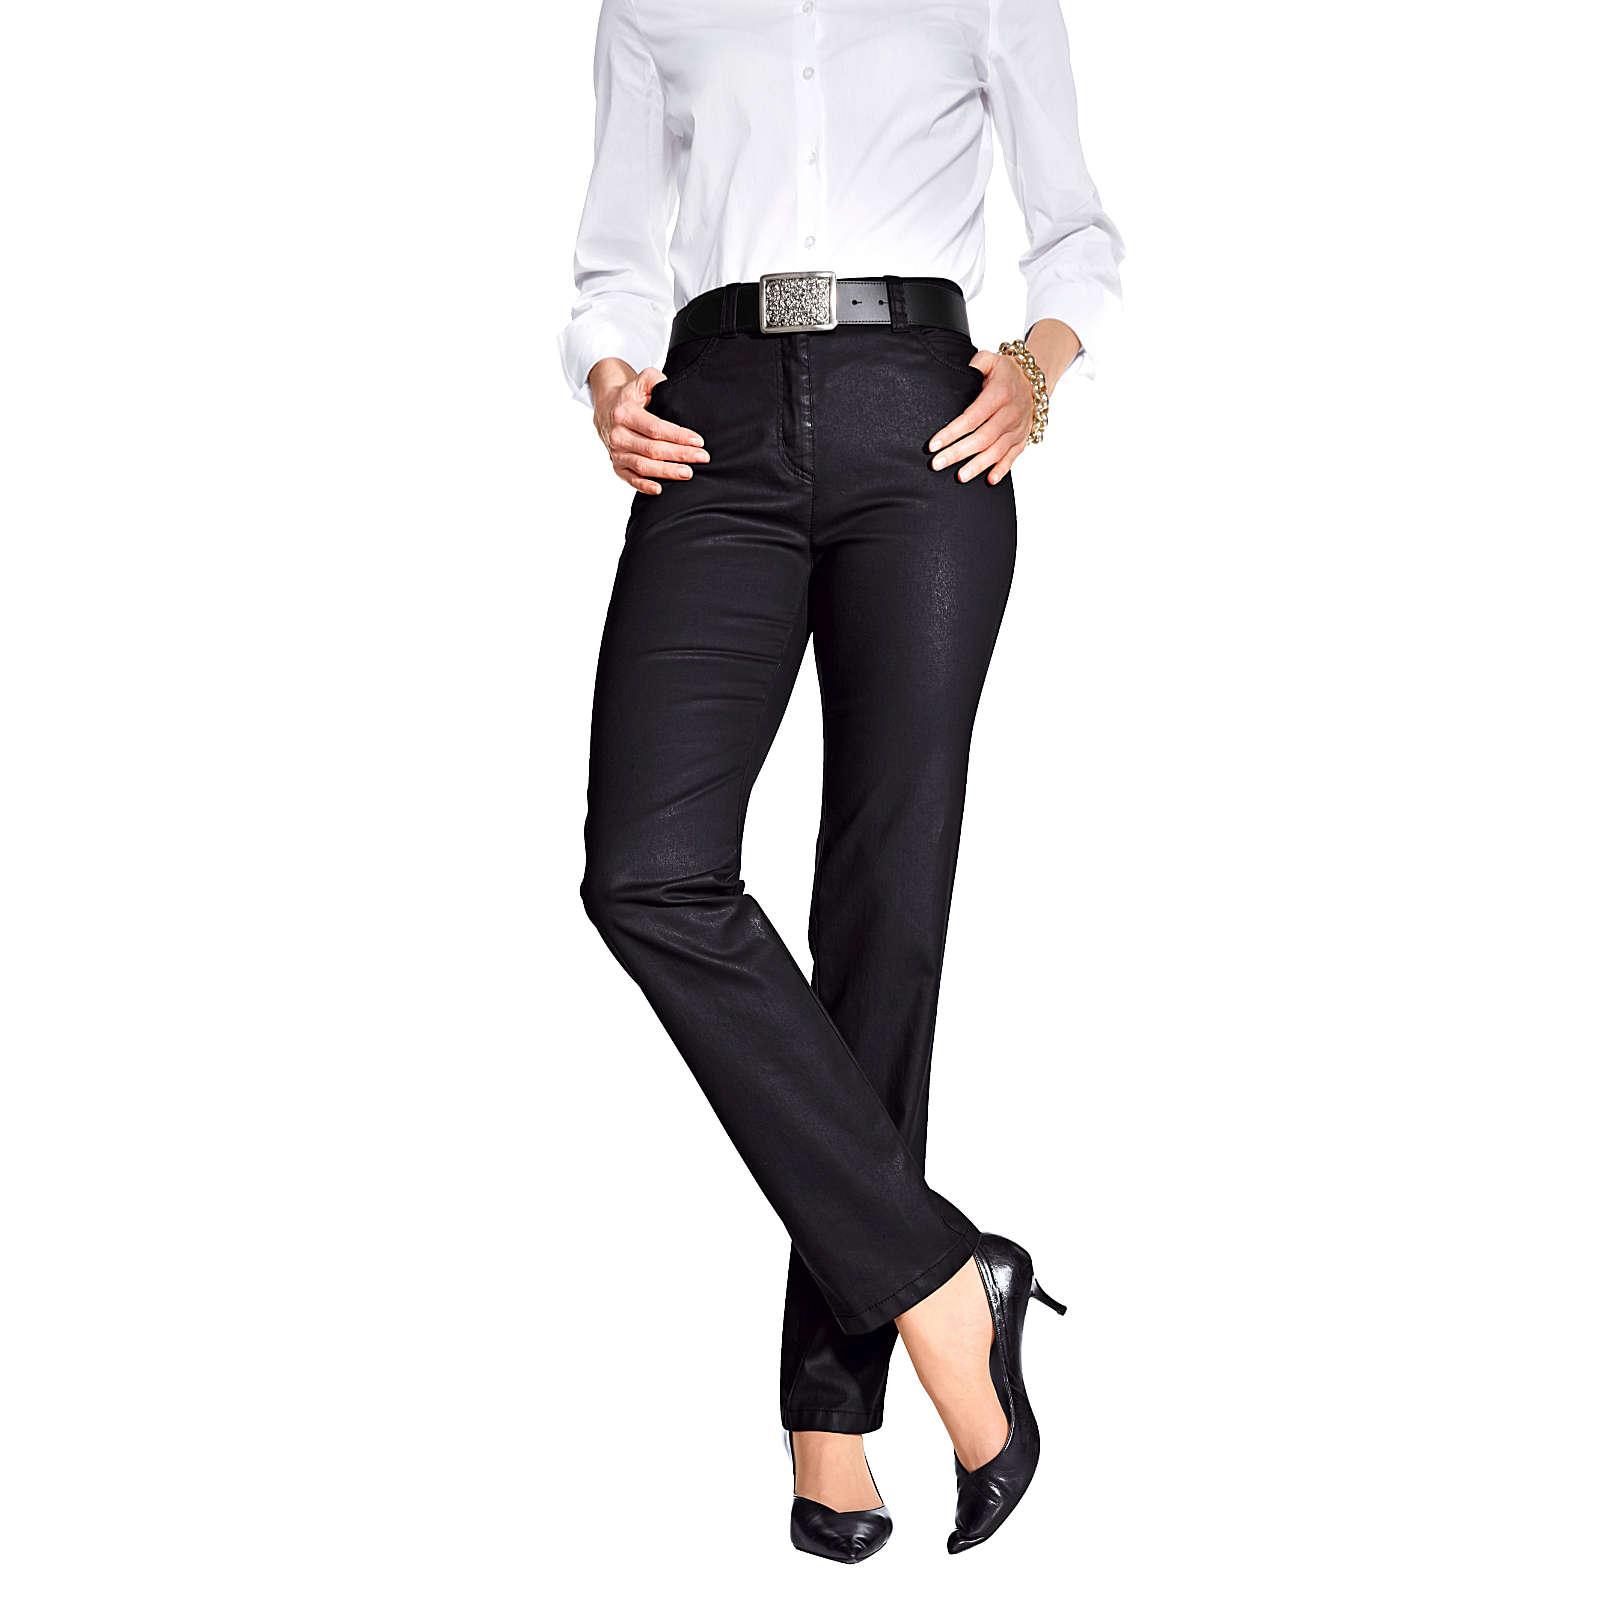 TONI 5-Pocket-Hose schwarz Damen Gr. 48